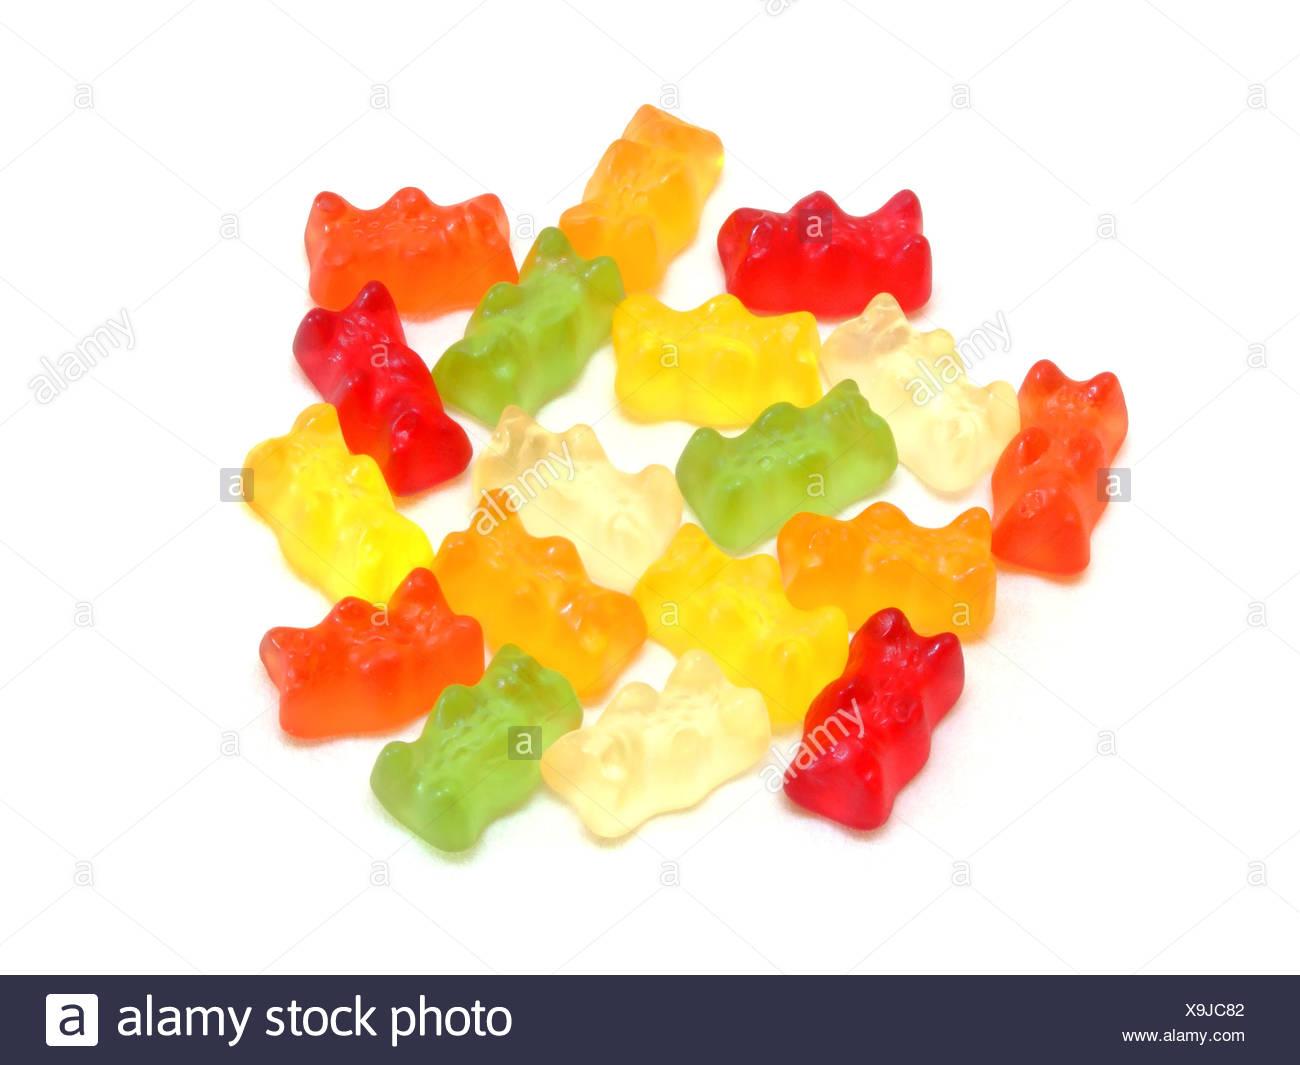 Gummibärchen / Gummy bears Banque D'Images